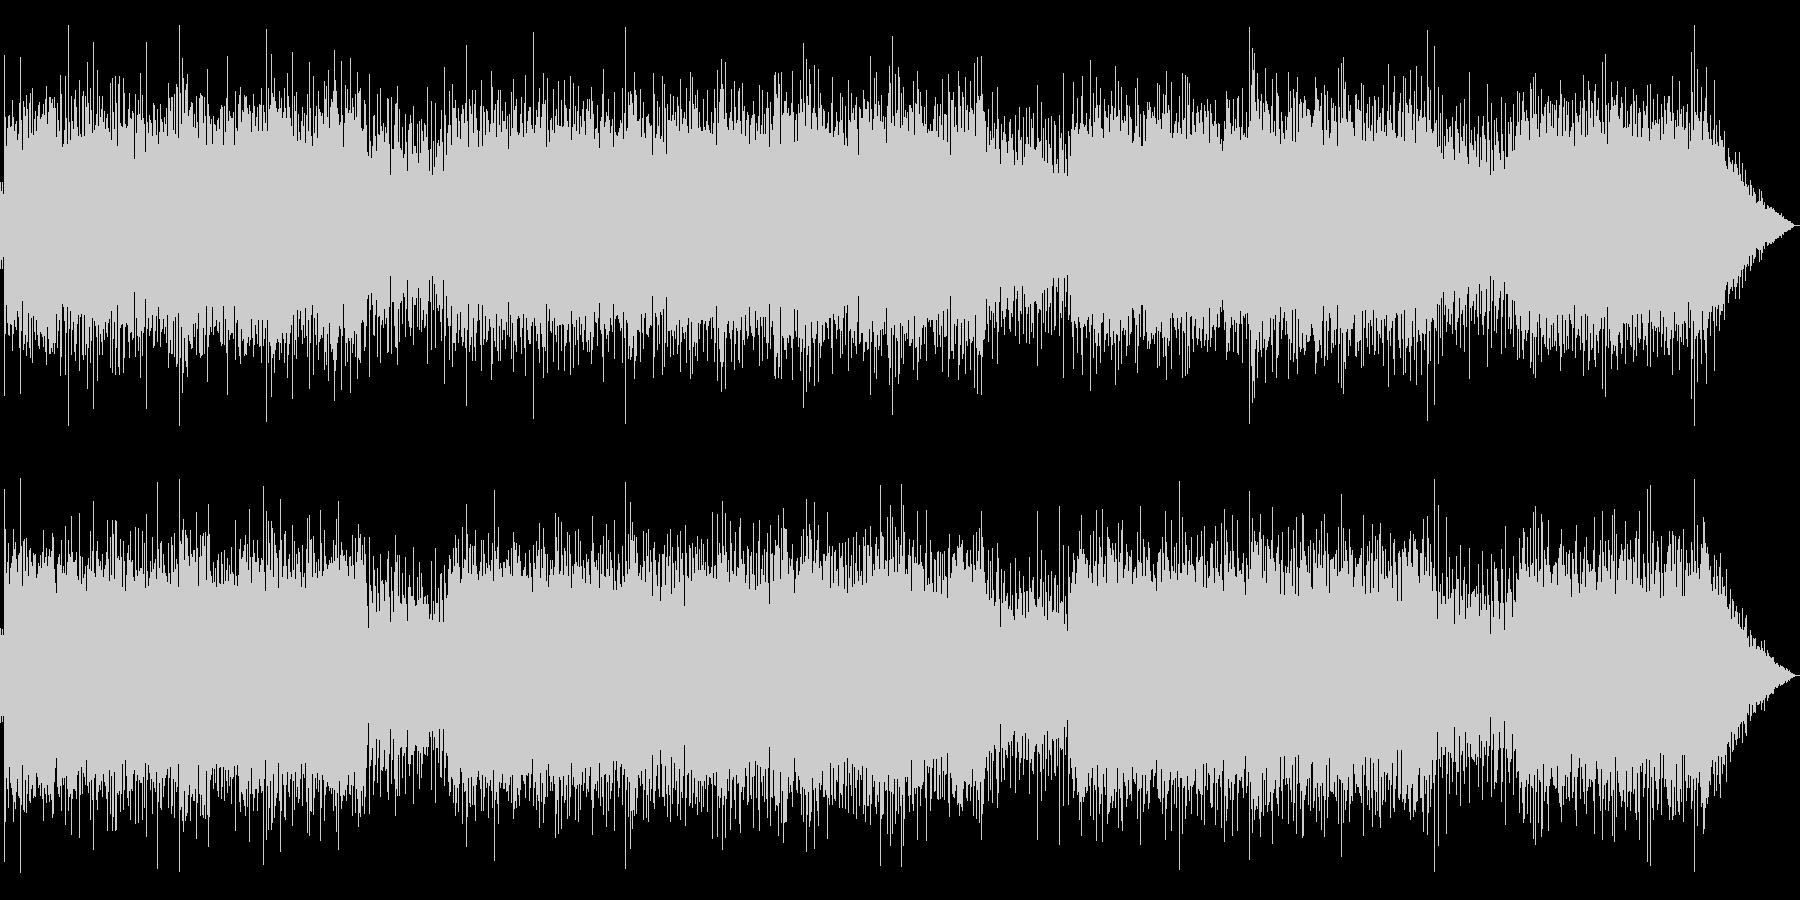 ピアノ/シンセ/通常戦闘/バトルの未再生の波形